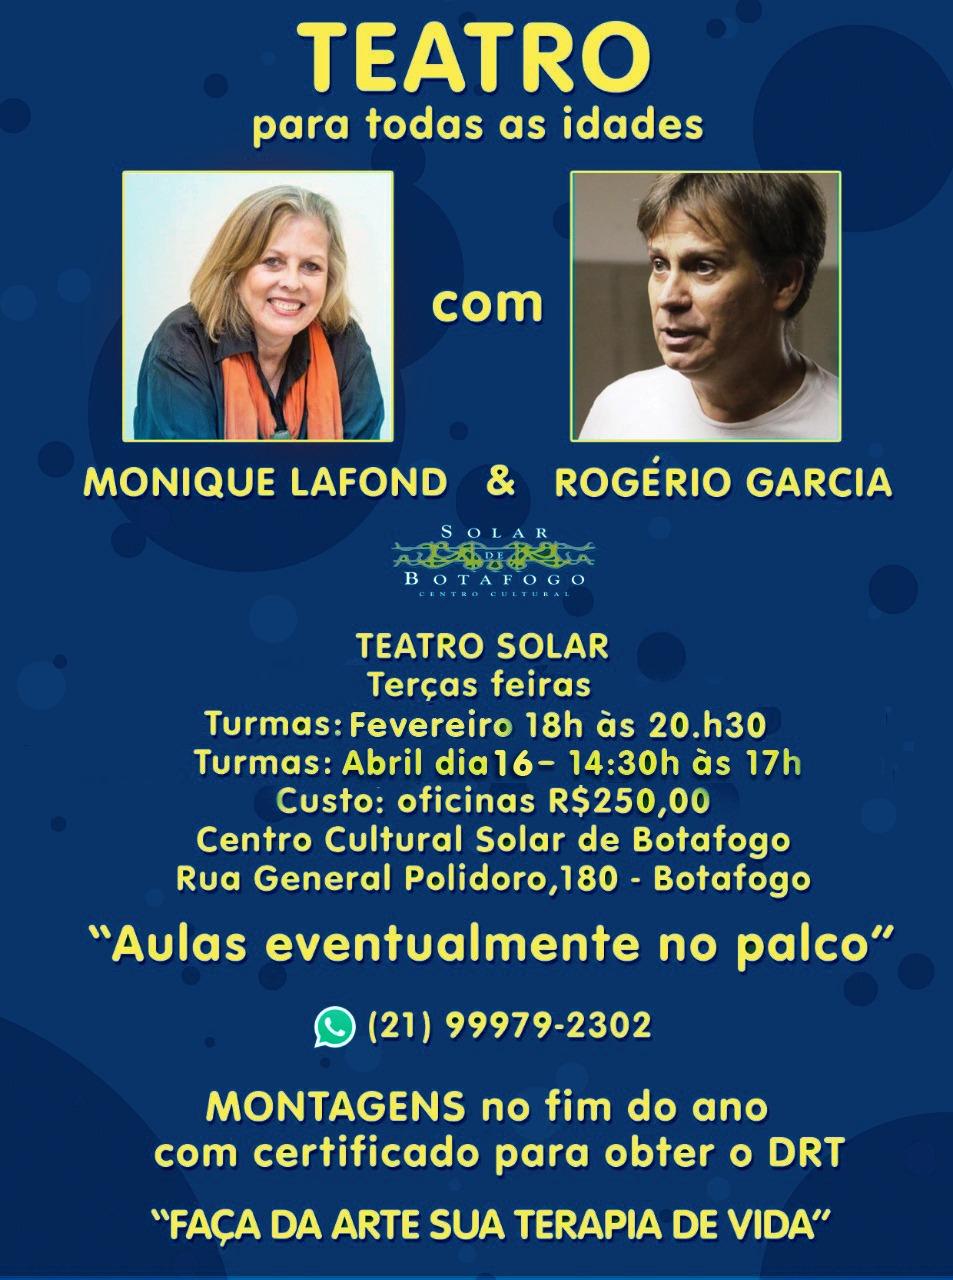 Aulas de Teatro no palco do Teatro Solar – Botafogo